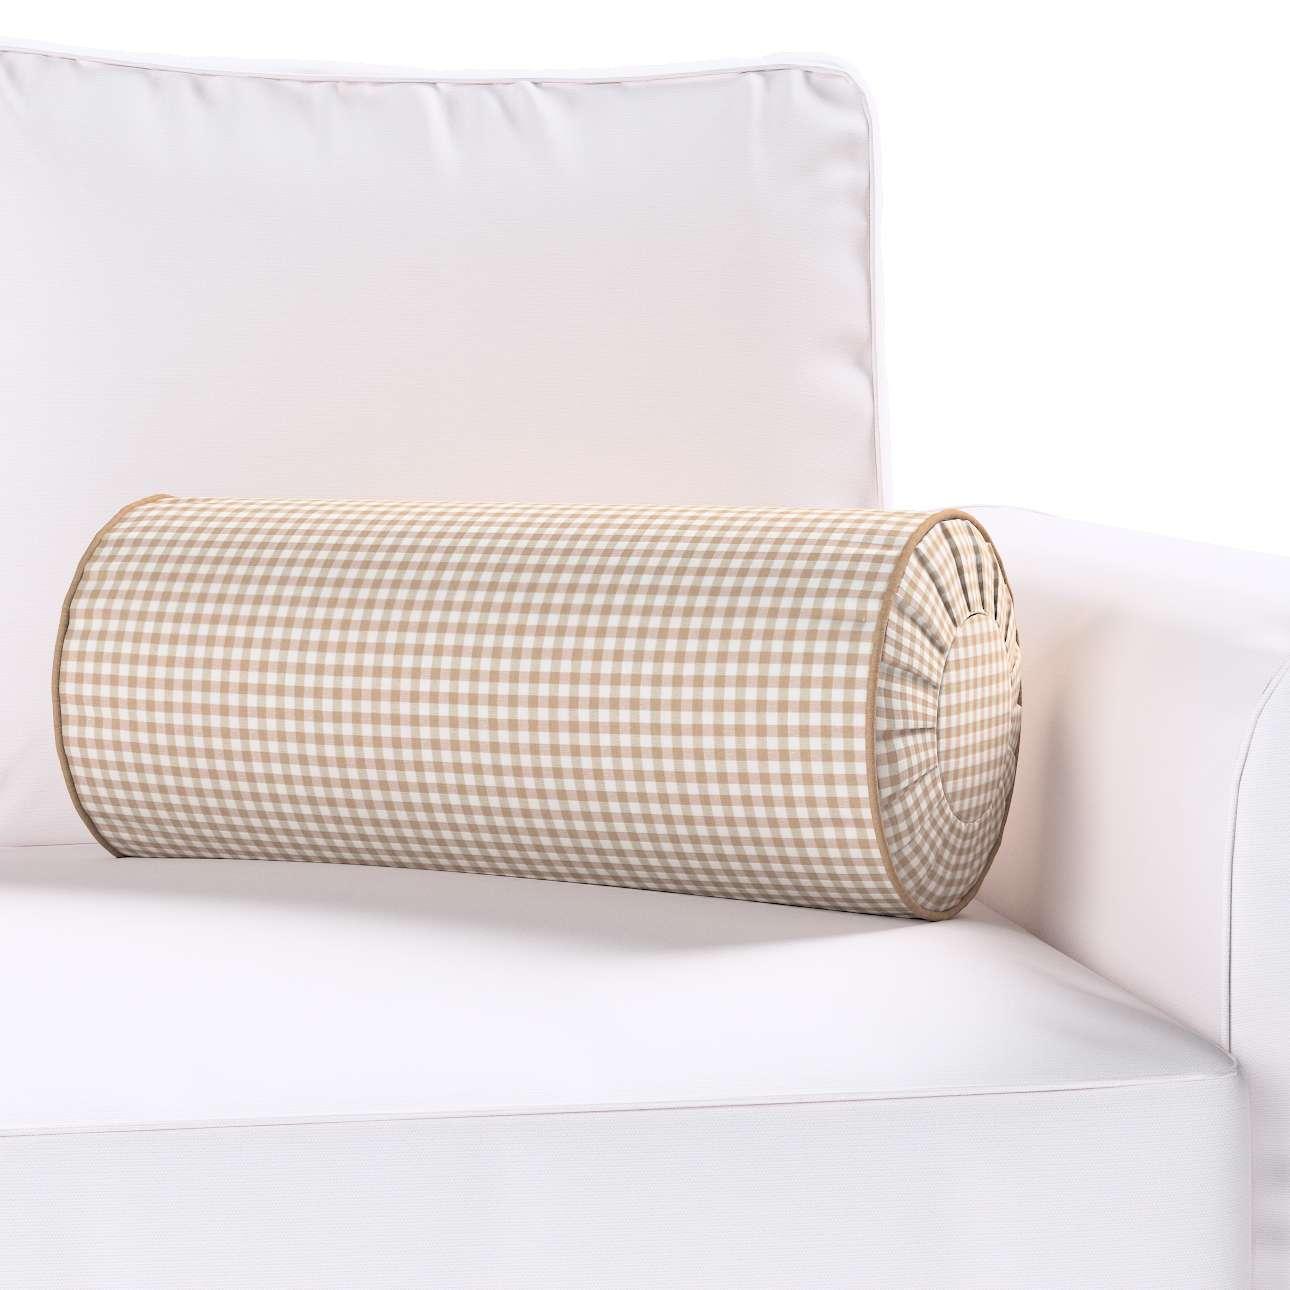 Poduszka wałek z zakładkami Ø 20 x 50 cm w kolekcji Quadro, tkanina: 136-05